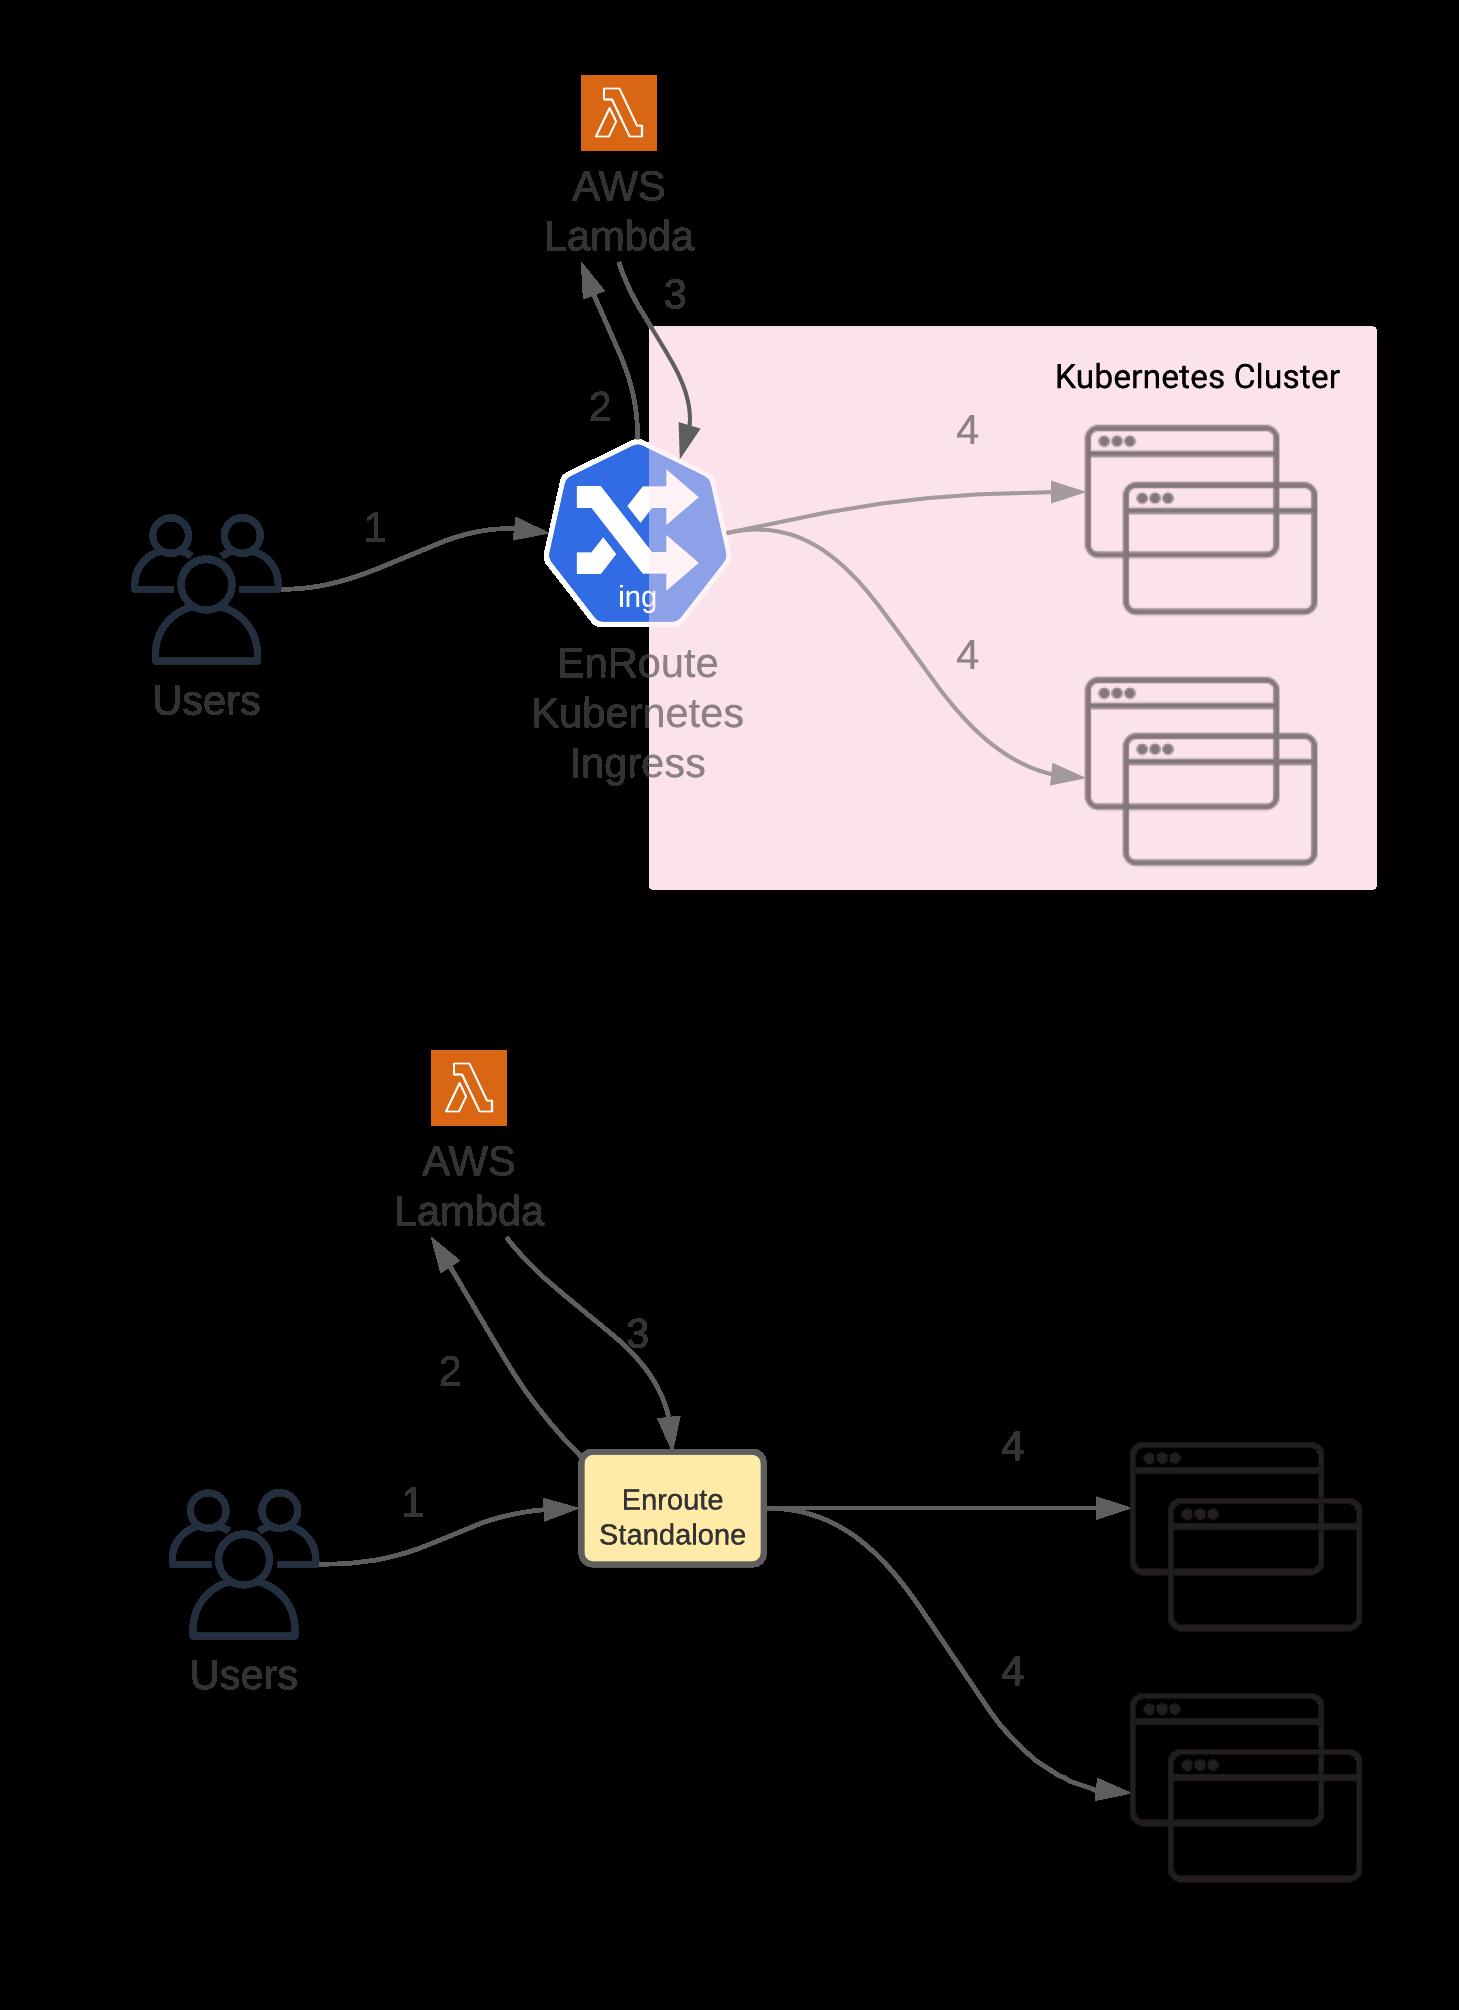 Enroute AWS Serverless Lambda